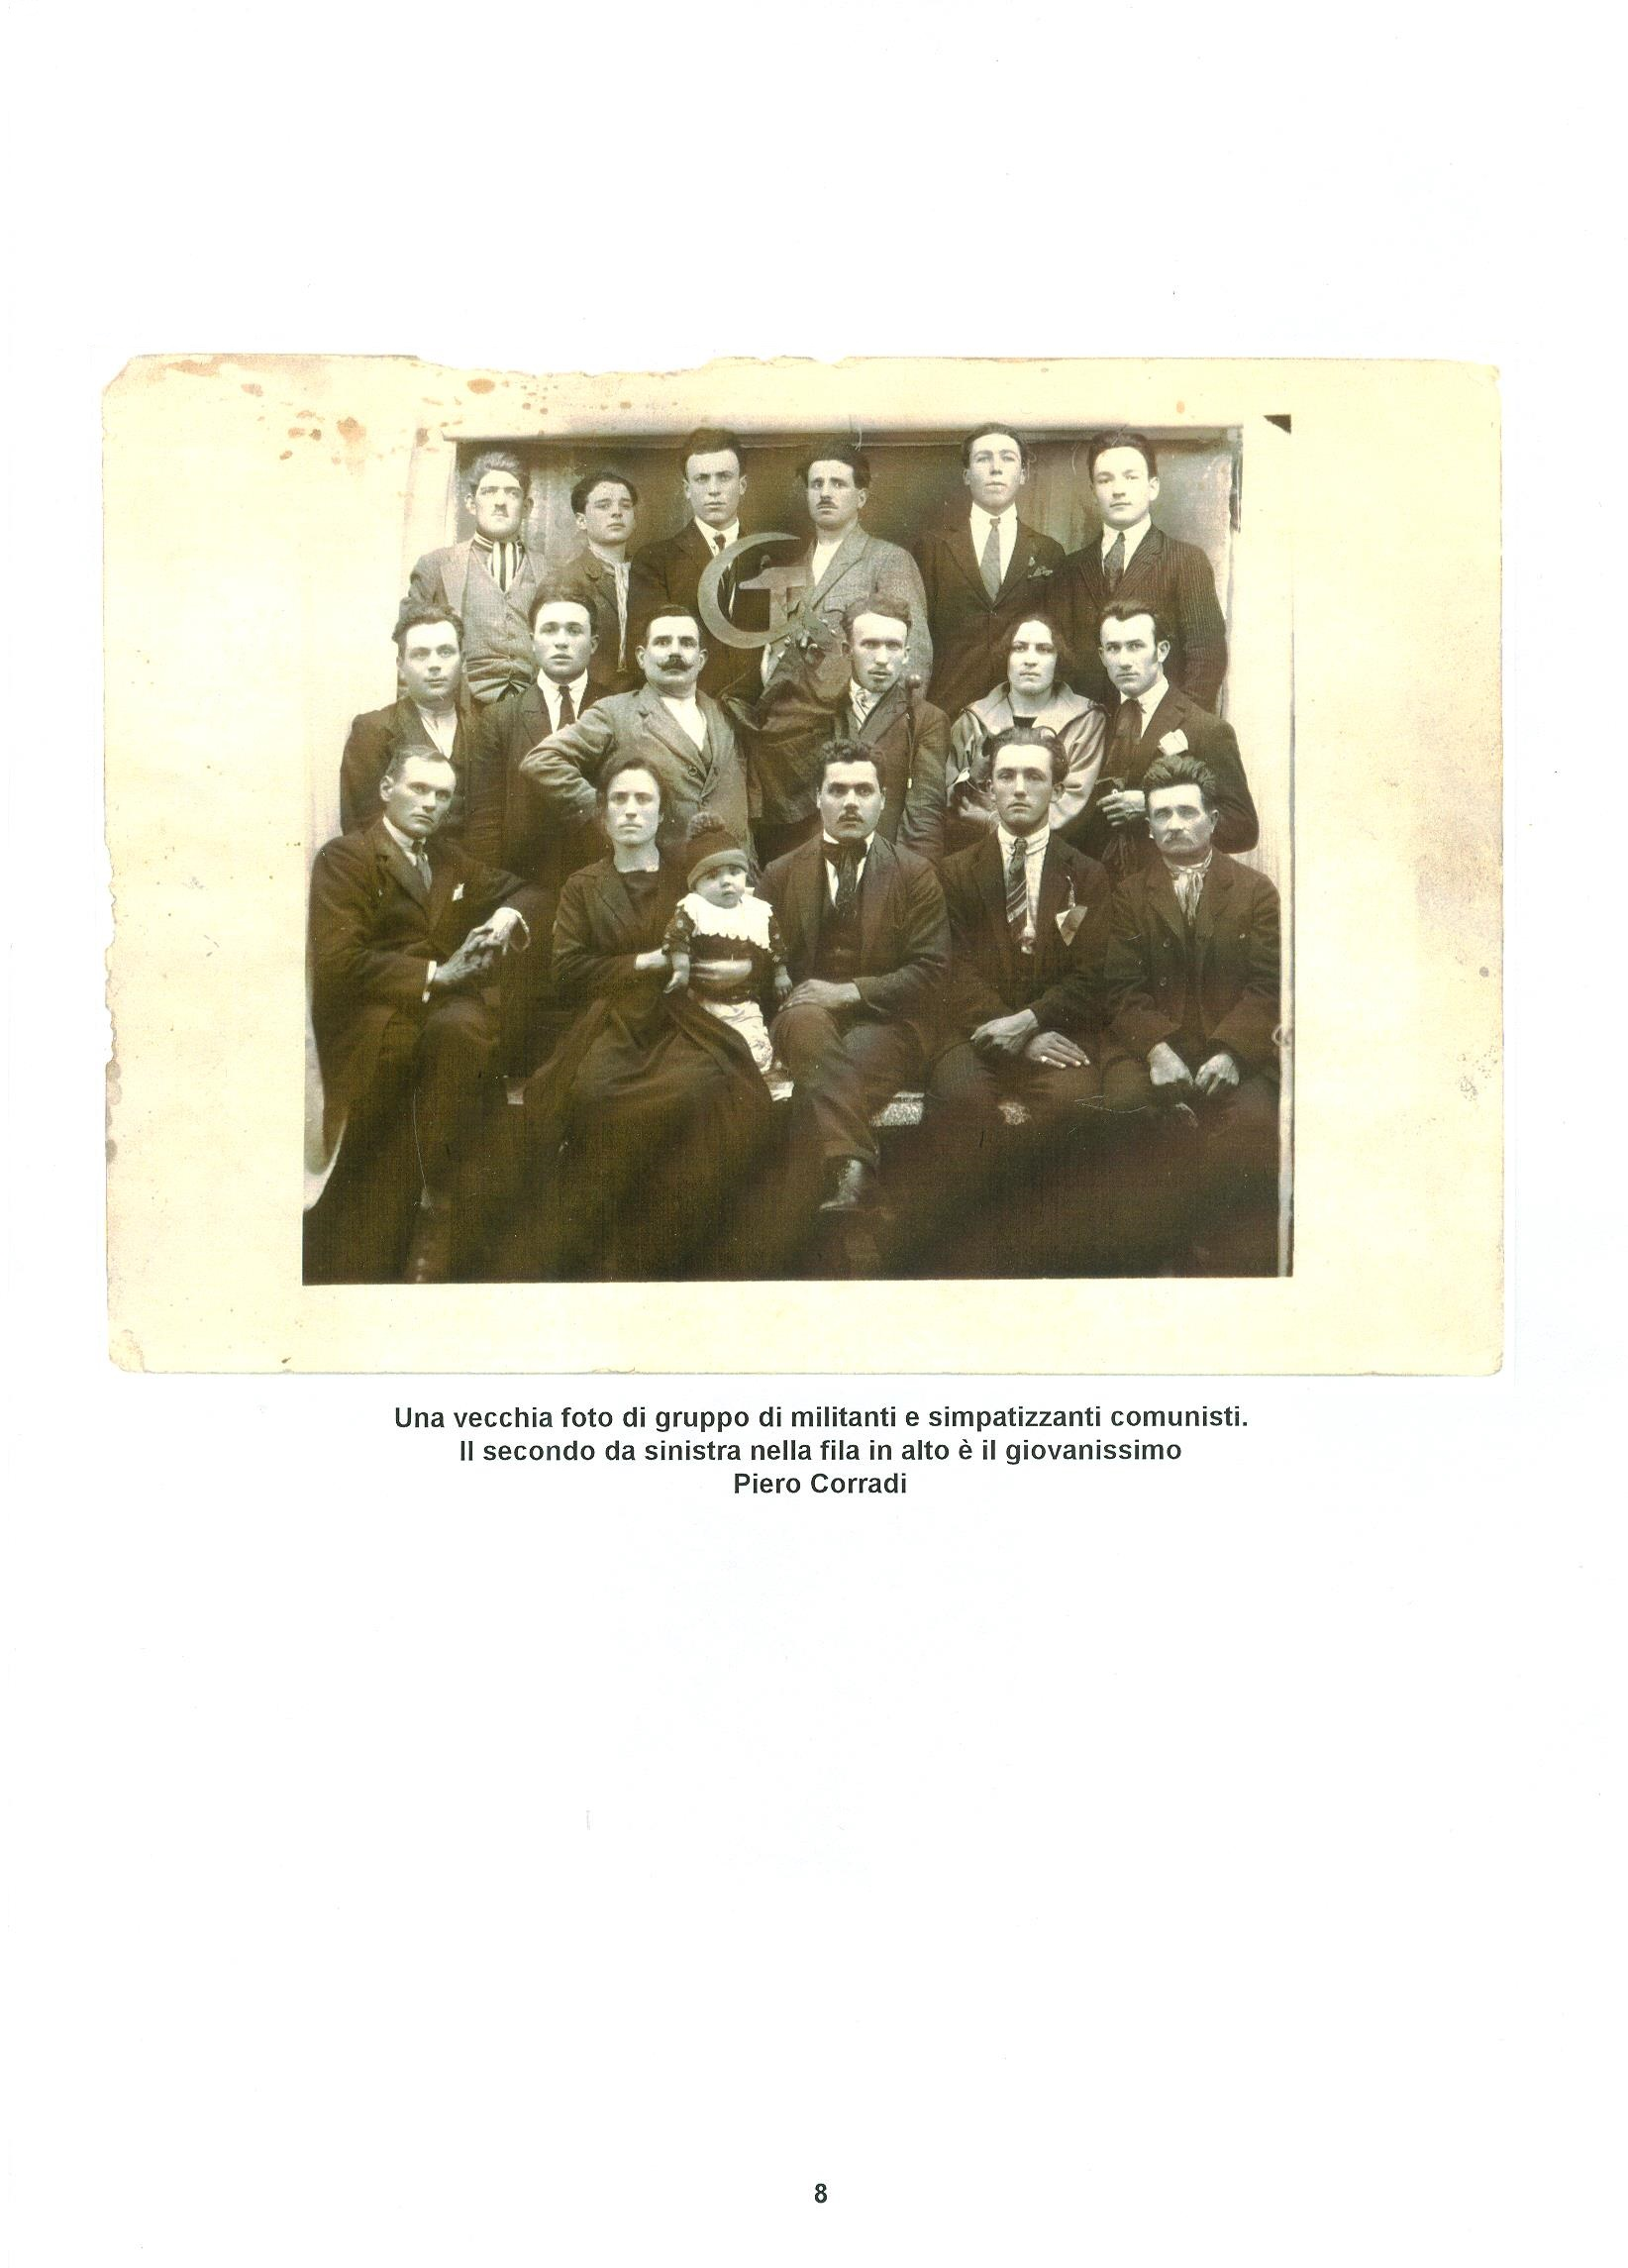 Quaderni del Centro Studi Pietro Tresso (1996-2009) n. 14 (novembre 1998) - pag. 9